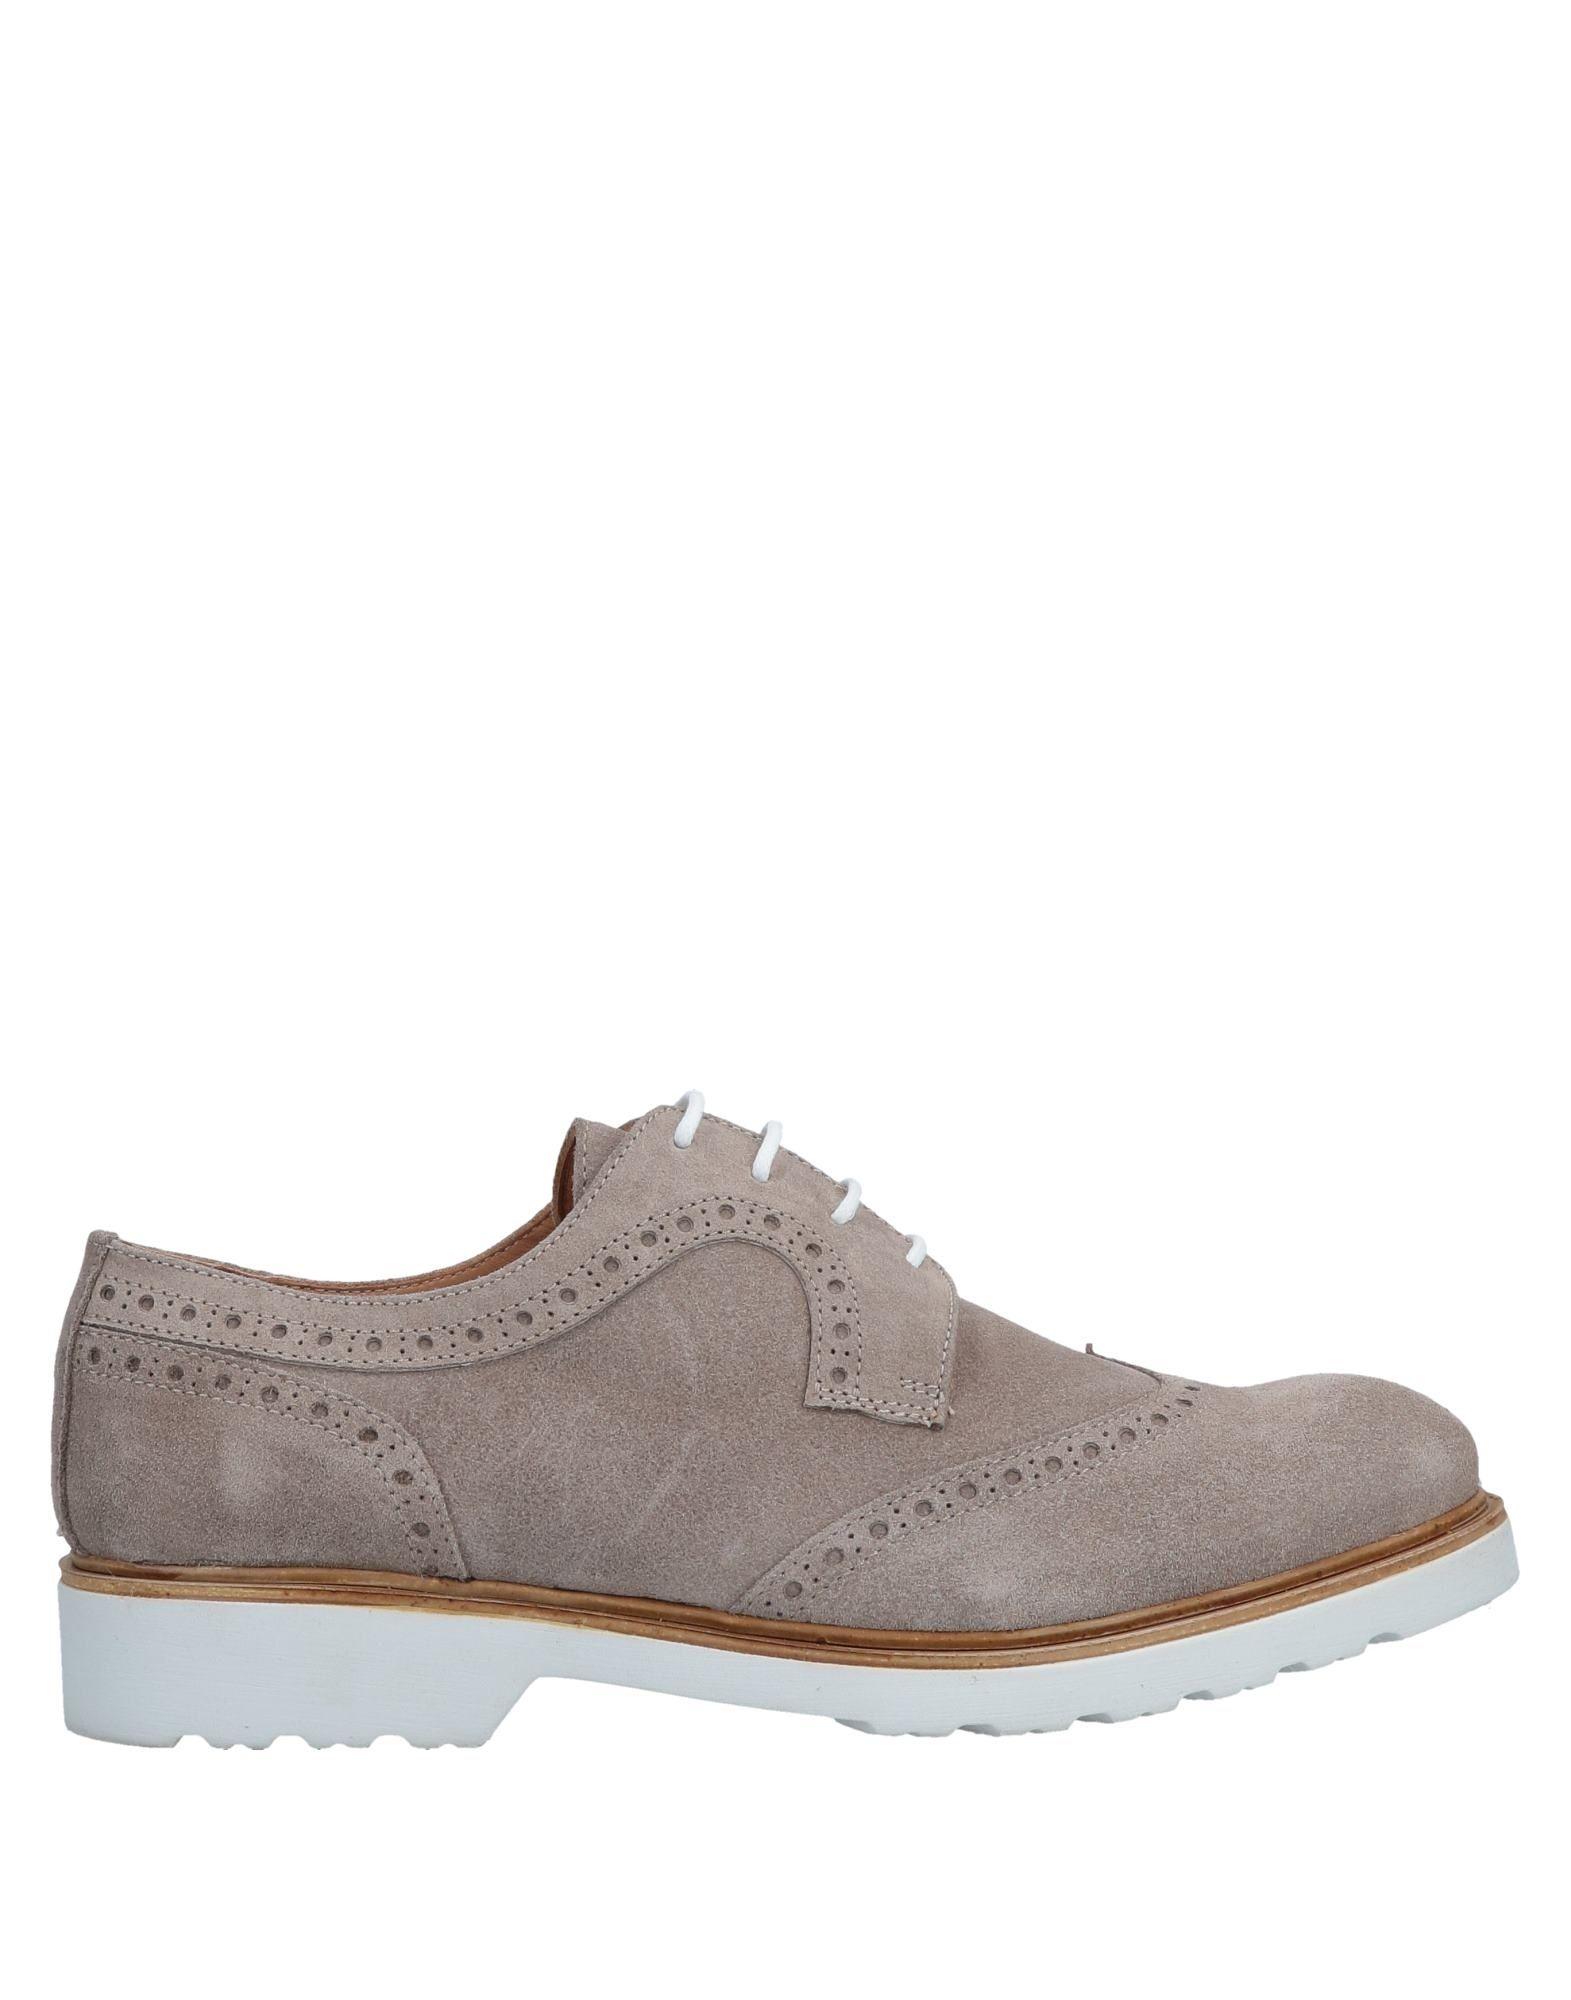 Фото - MIKEKONOS Обувь на шнурках обувь на высокой платформе dkny